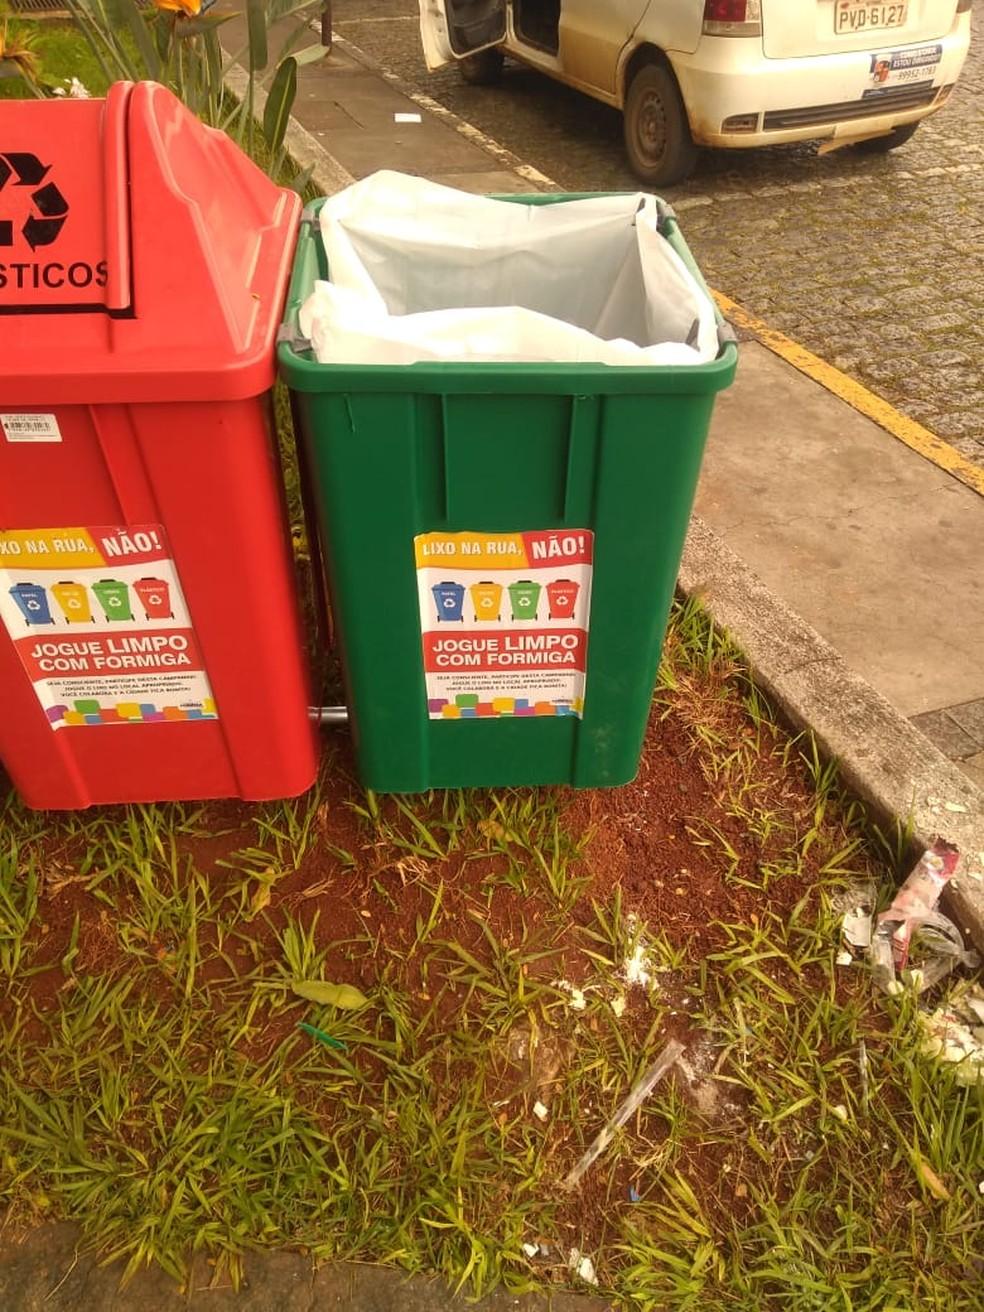 Prefeitura pede apoio da população para possíveis denúncias de vandalismo — Foto: Prefeitura de Formiga/Divulgação